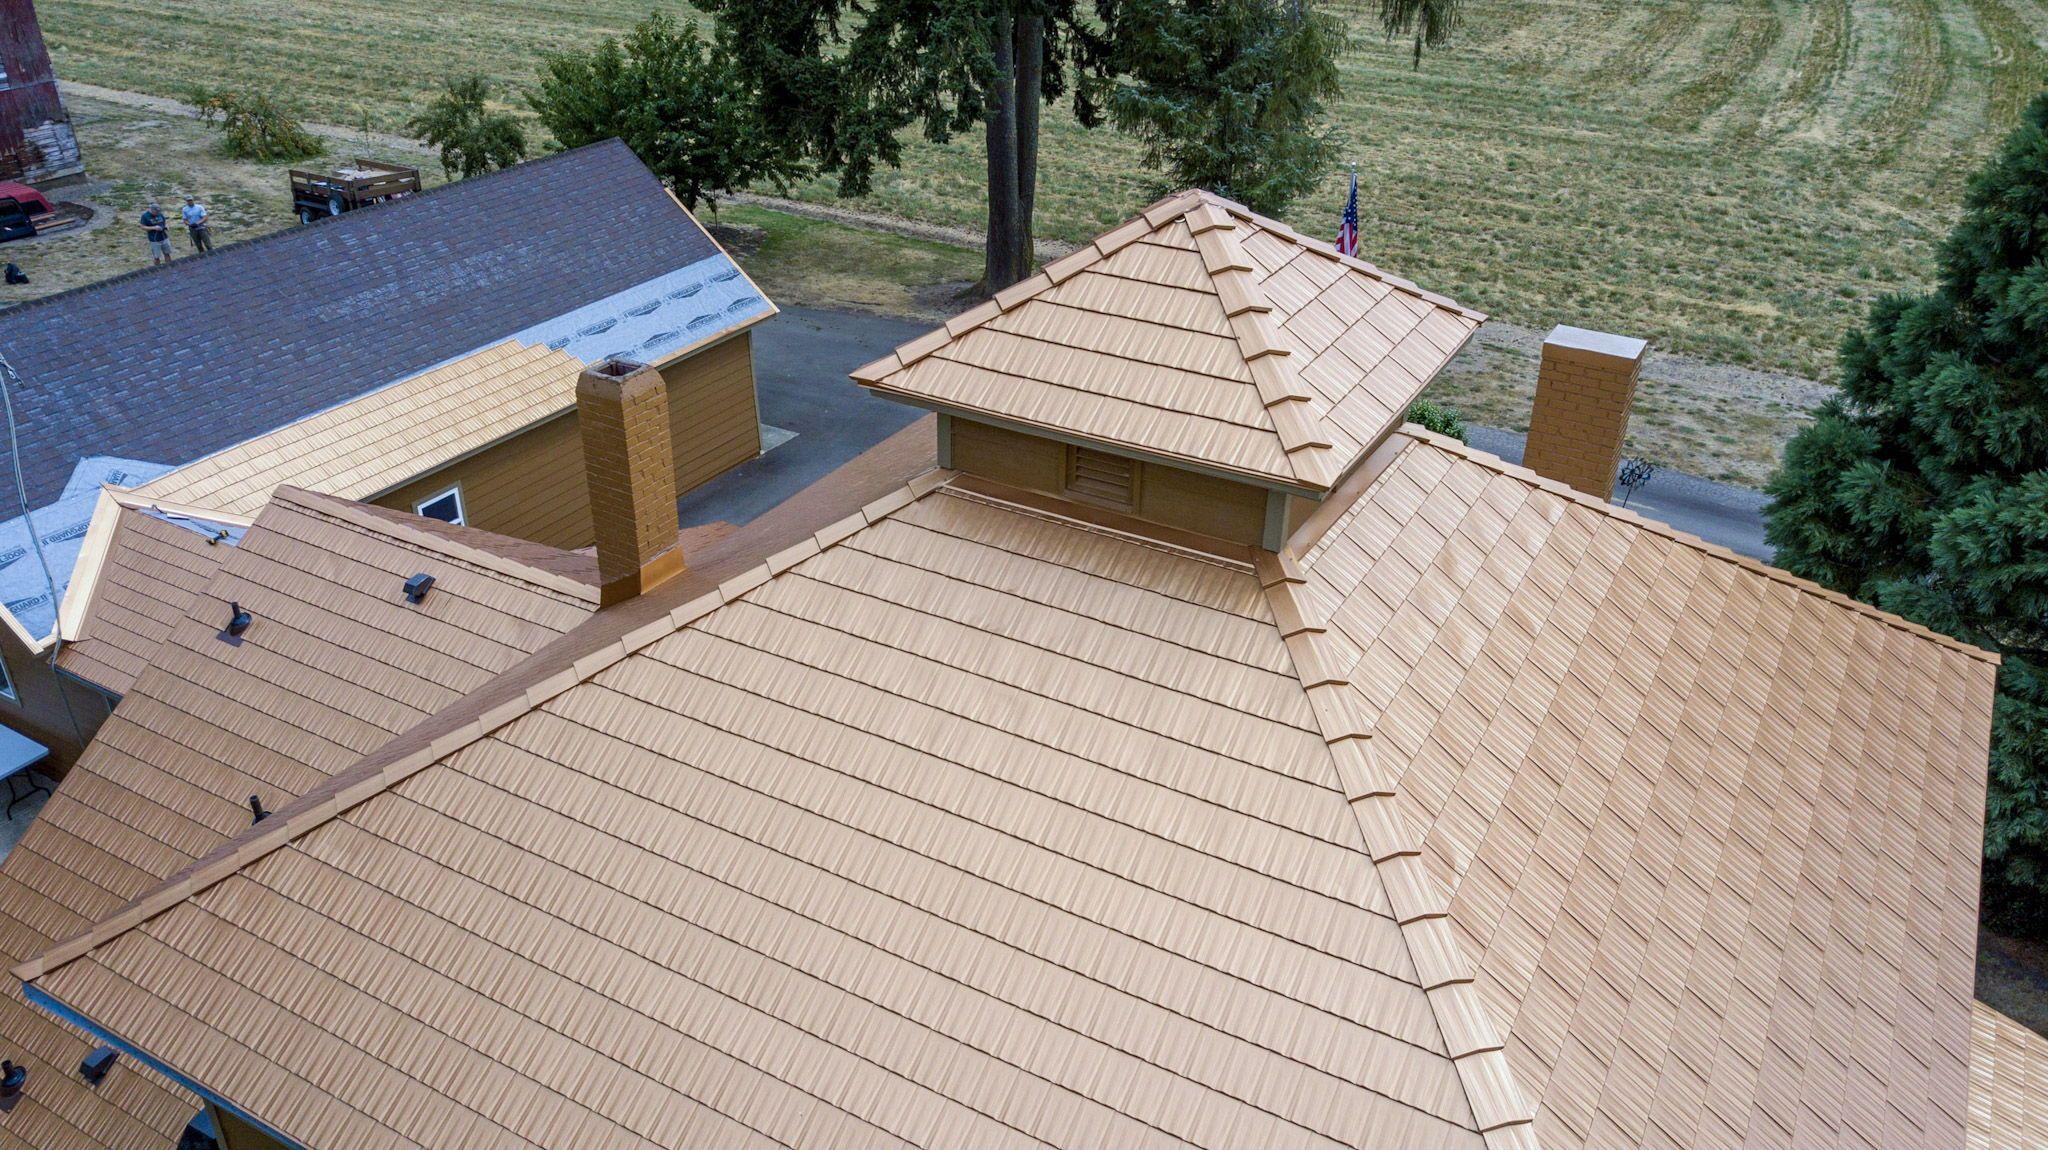 Interlock Metal Roofing Never Re Roof Again In 2020 Metal Roofing Systems Roofing Systems Metal Roof